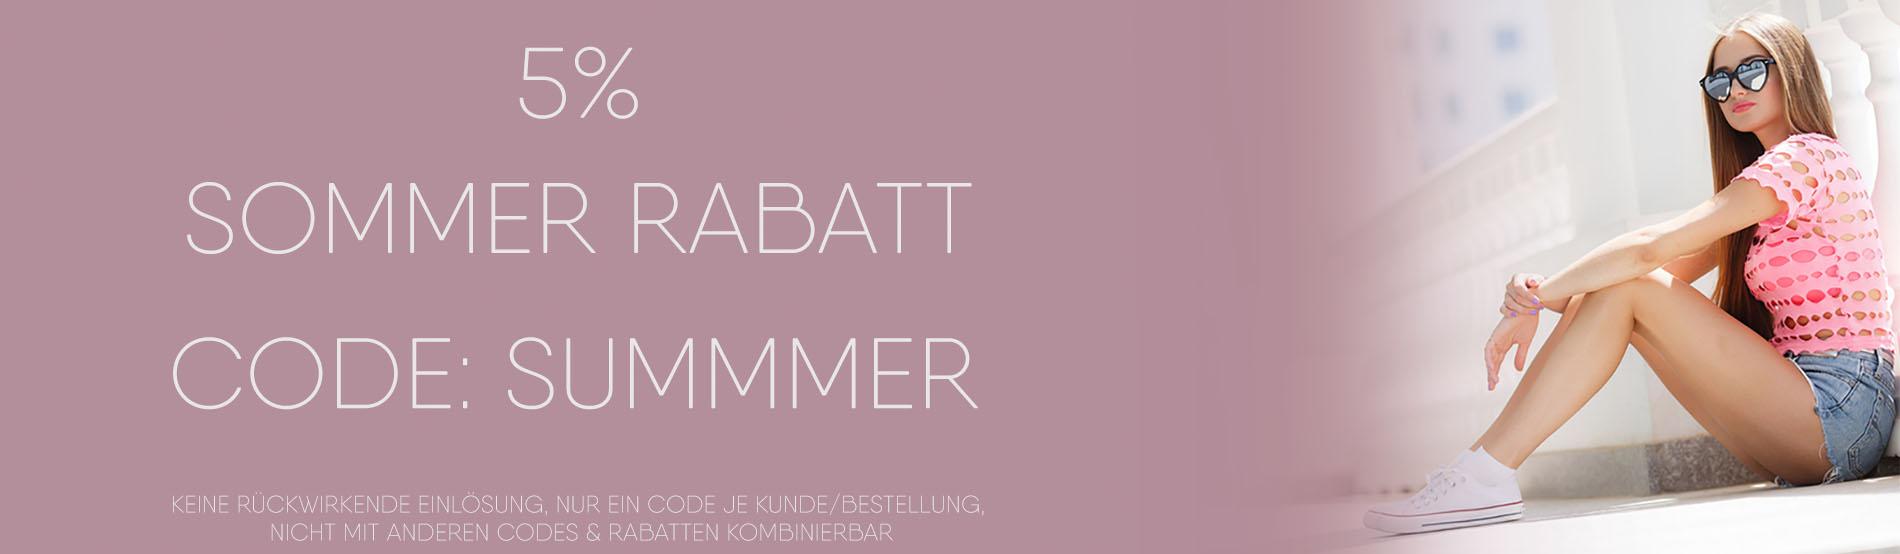 5% Sommer Rabatt